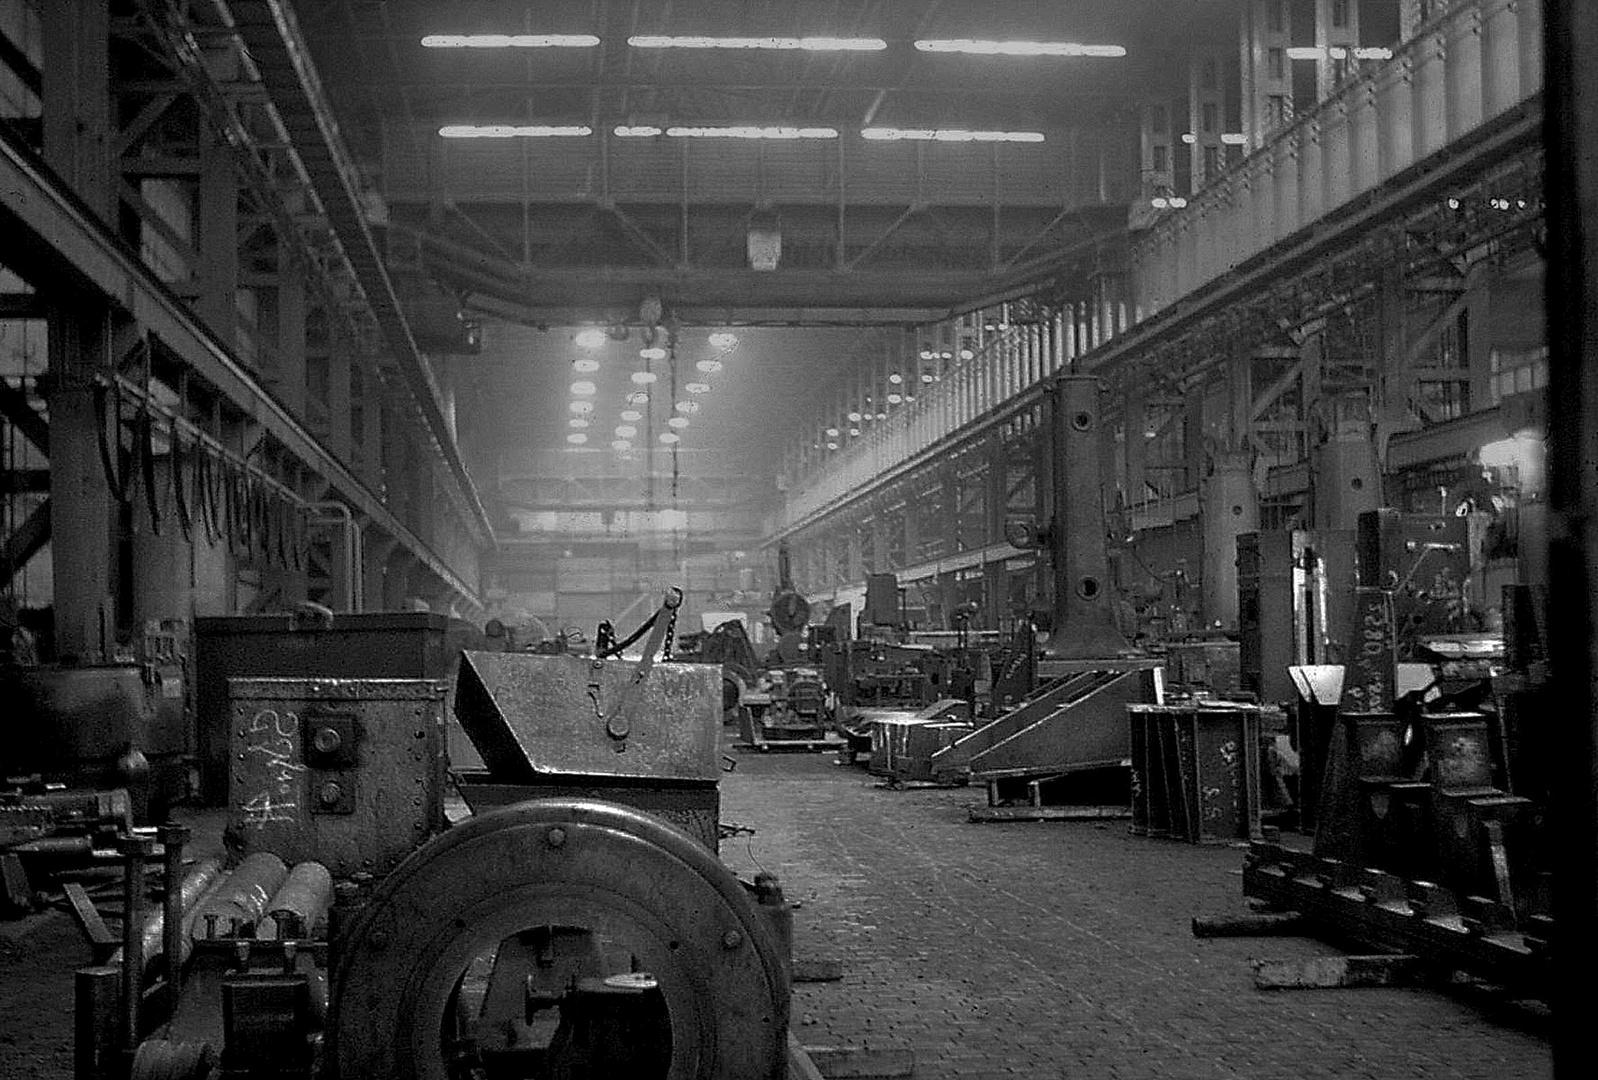 längst vergessene Industrie